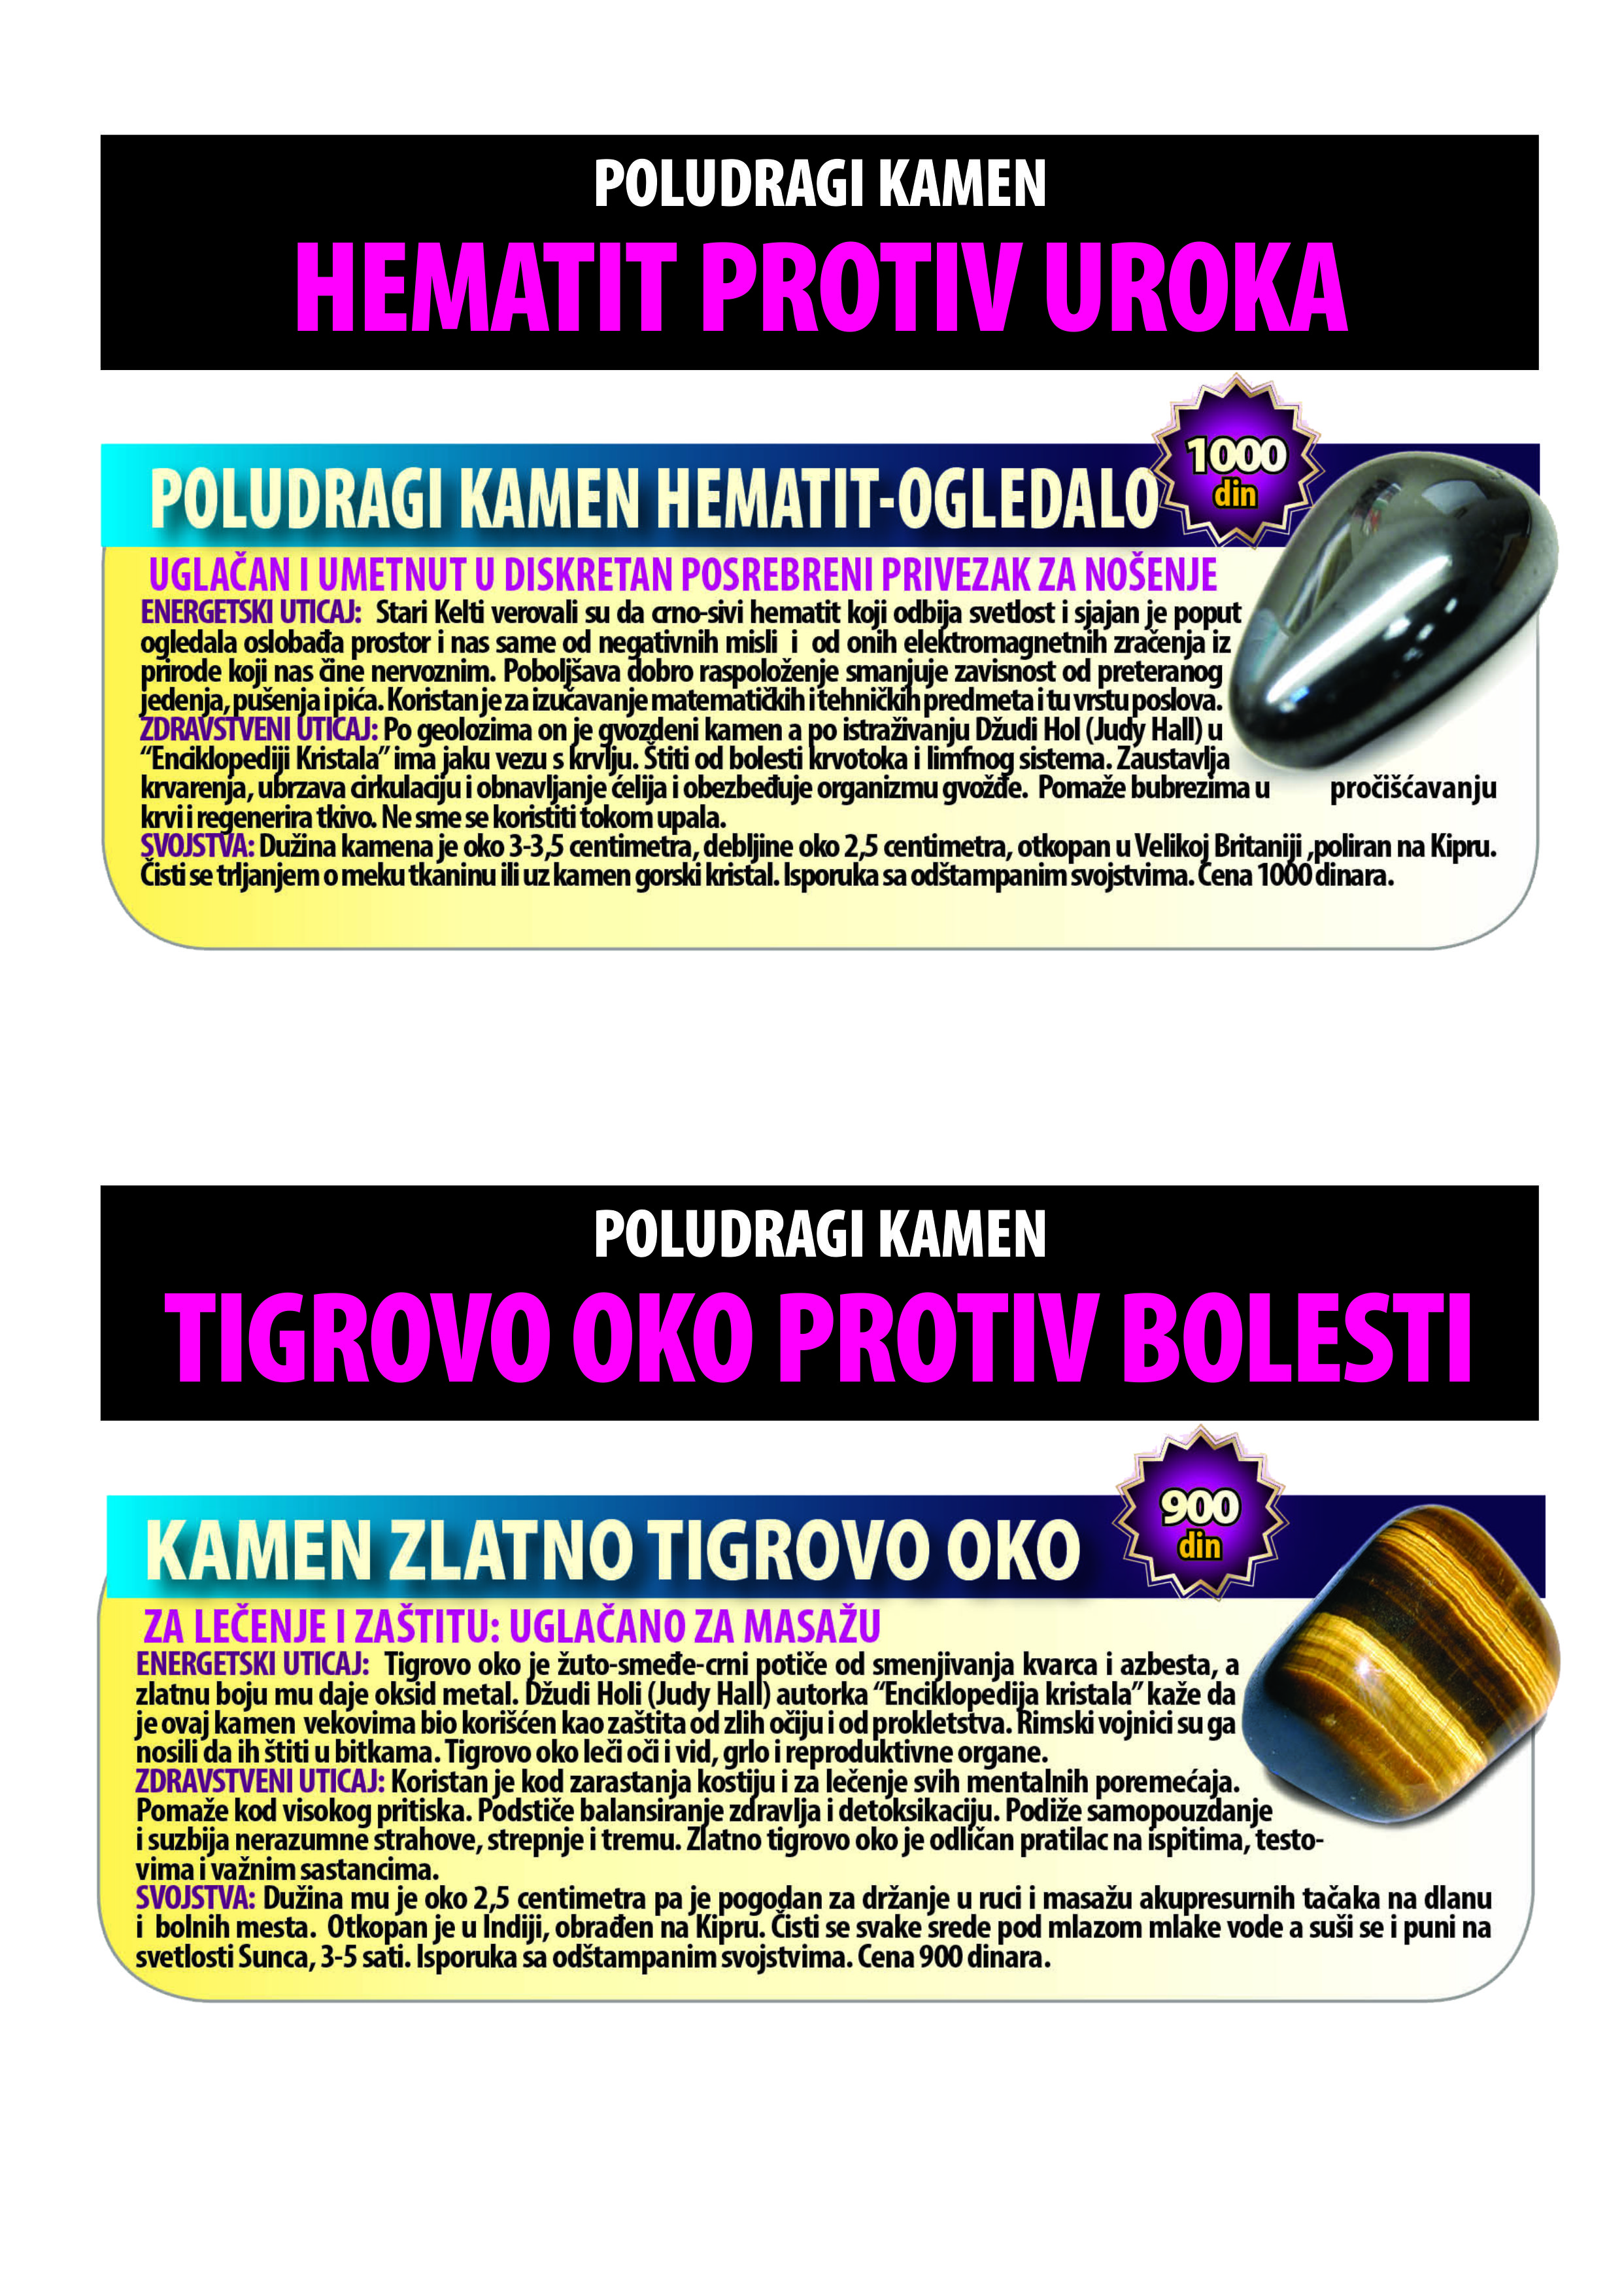 POLUDRAGO KAMENJE1